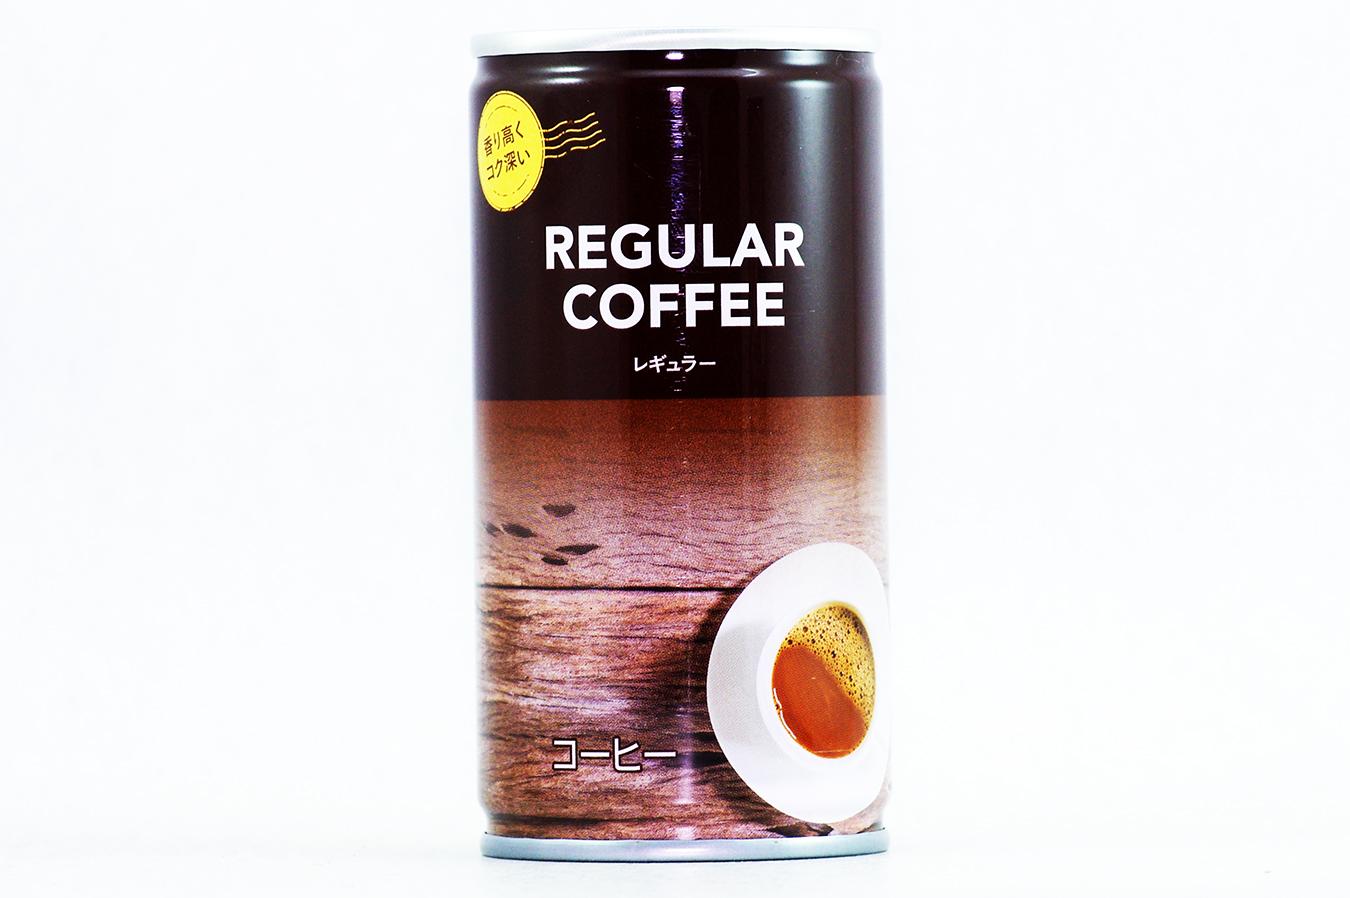 カインズレギュラーコーヒー